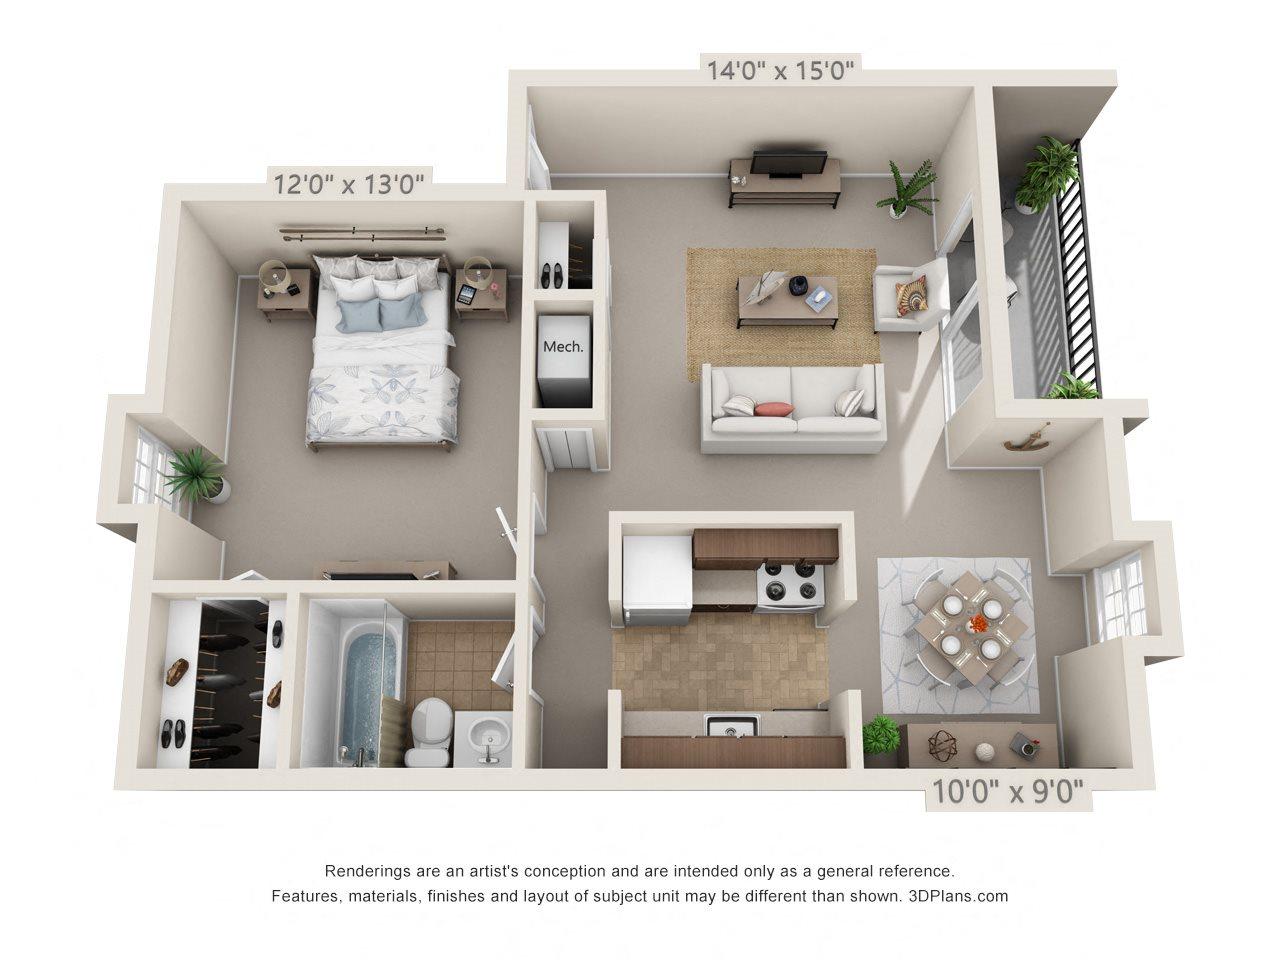 1 Bedroom, 1 Bath Floor Plan 1